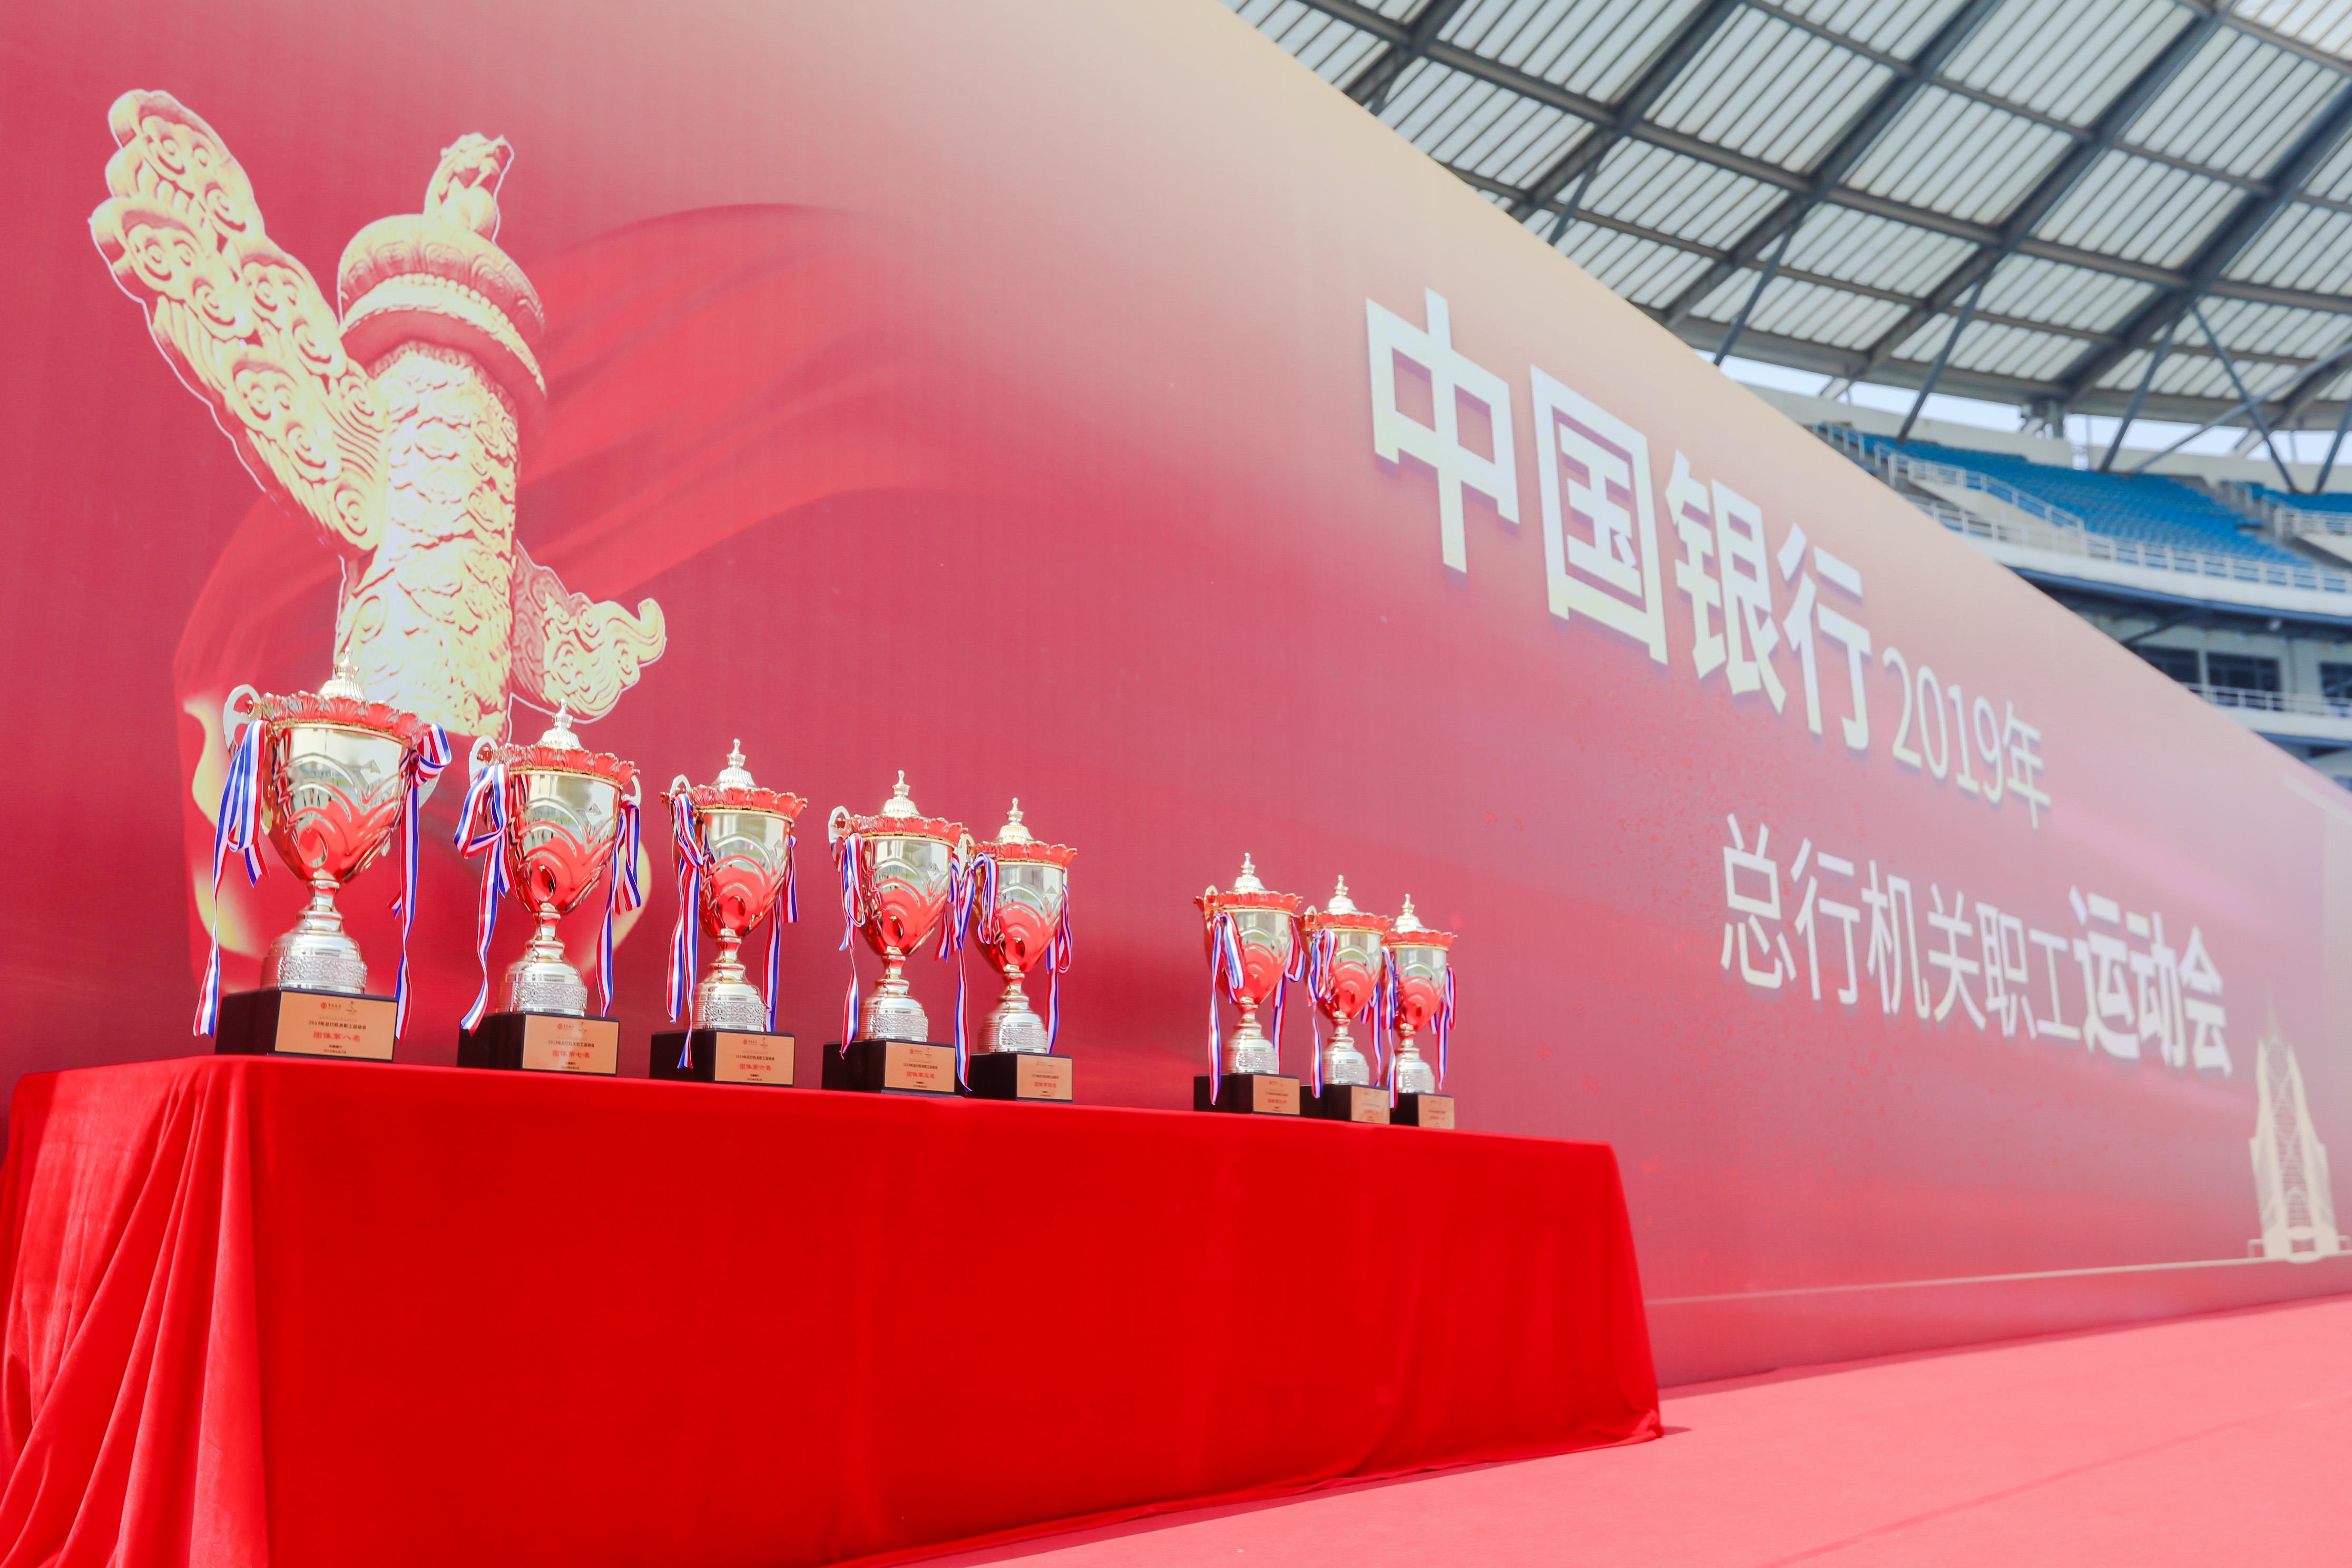 中國銀行運動會資料-IMG_3854-2